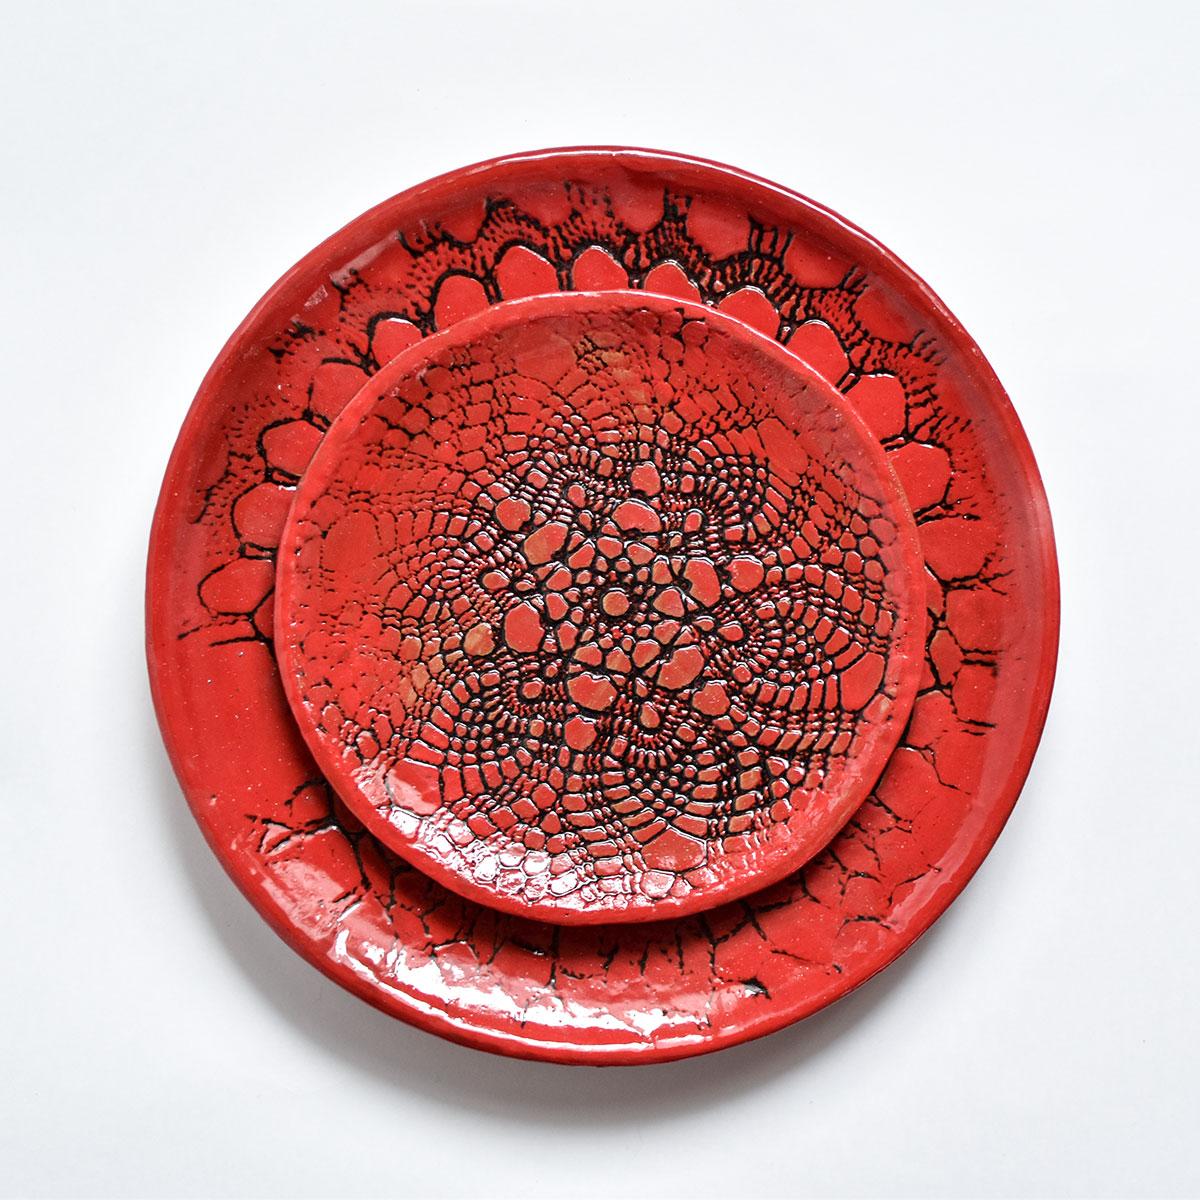 """картинка Кружевное блюдце ручной работы """"Огонь"""" 5 - DishWishes.Ru"""